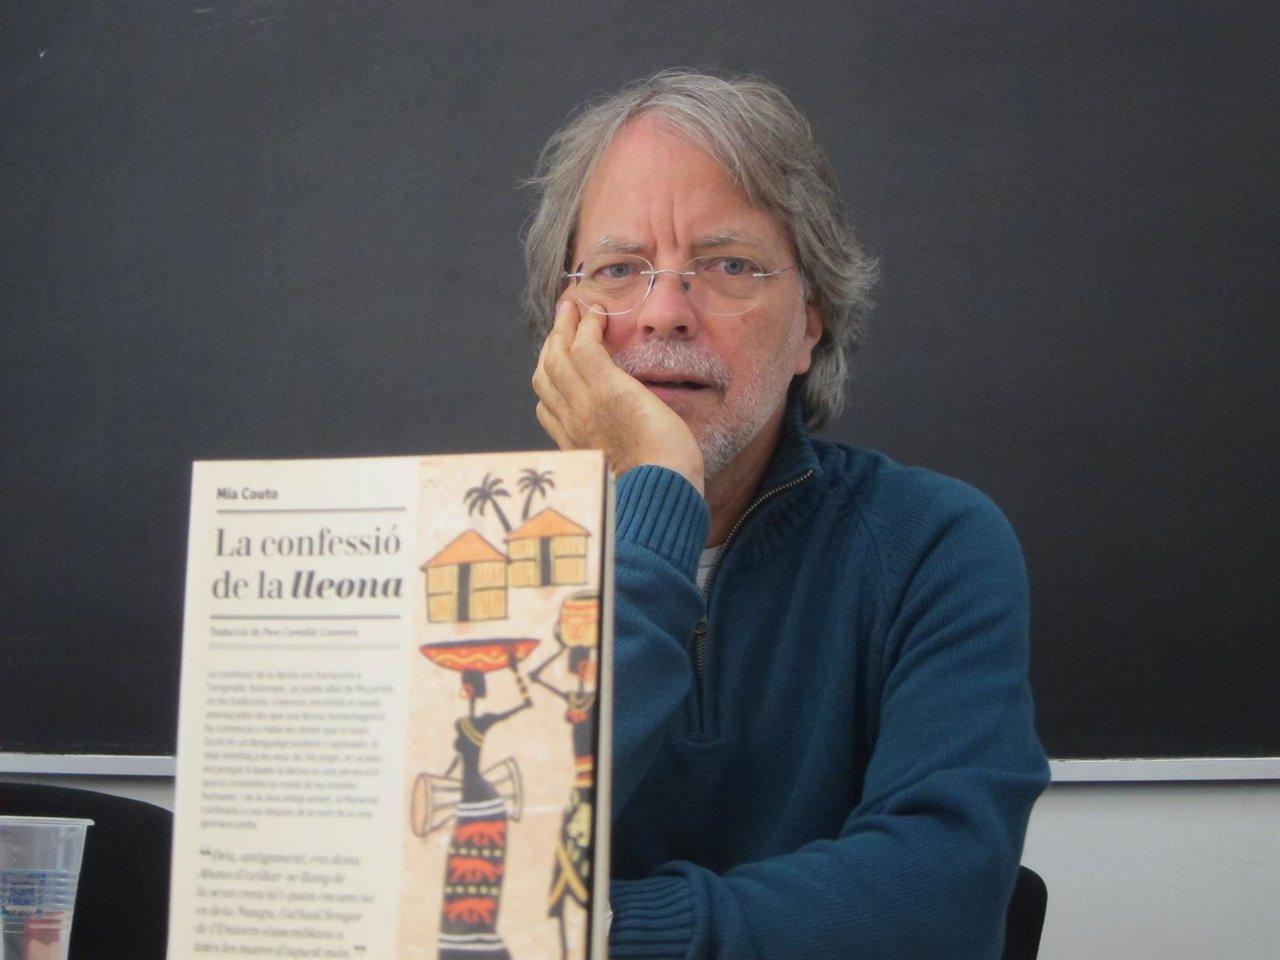 El escritor Mia Couto